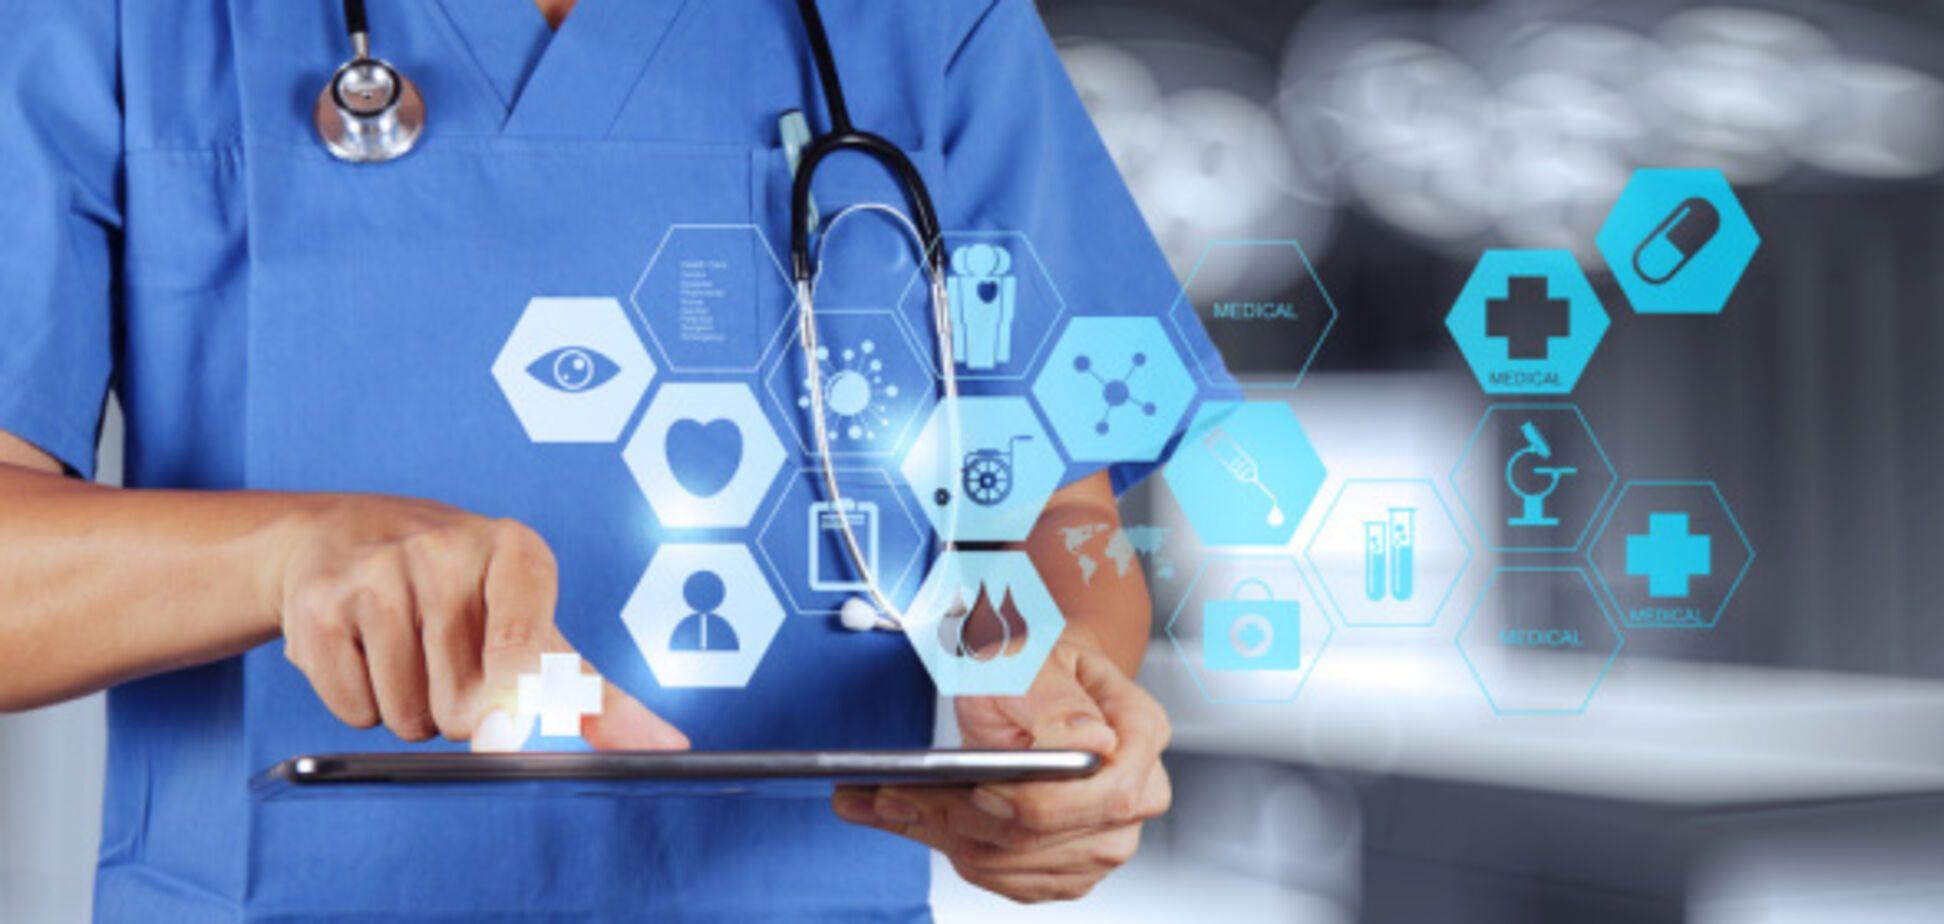 Пациент сможет все проверить: как будет работать система E-health в Украине